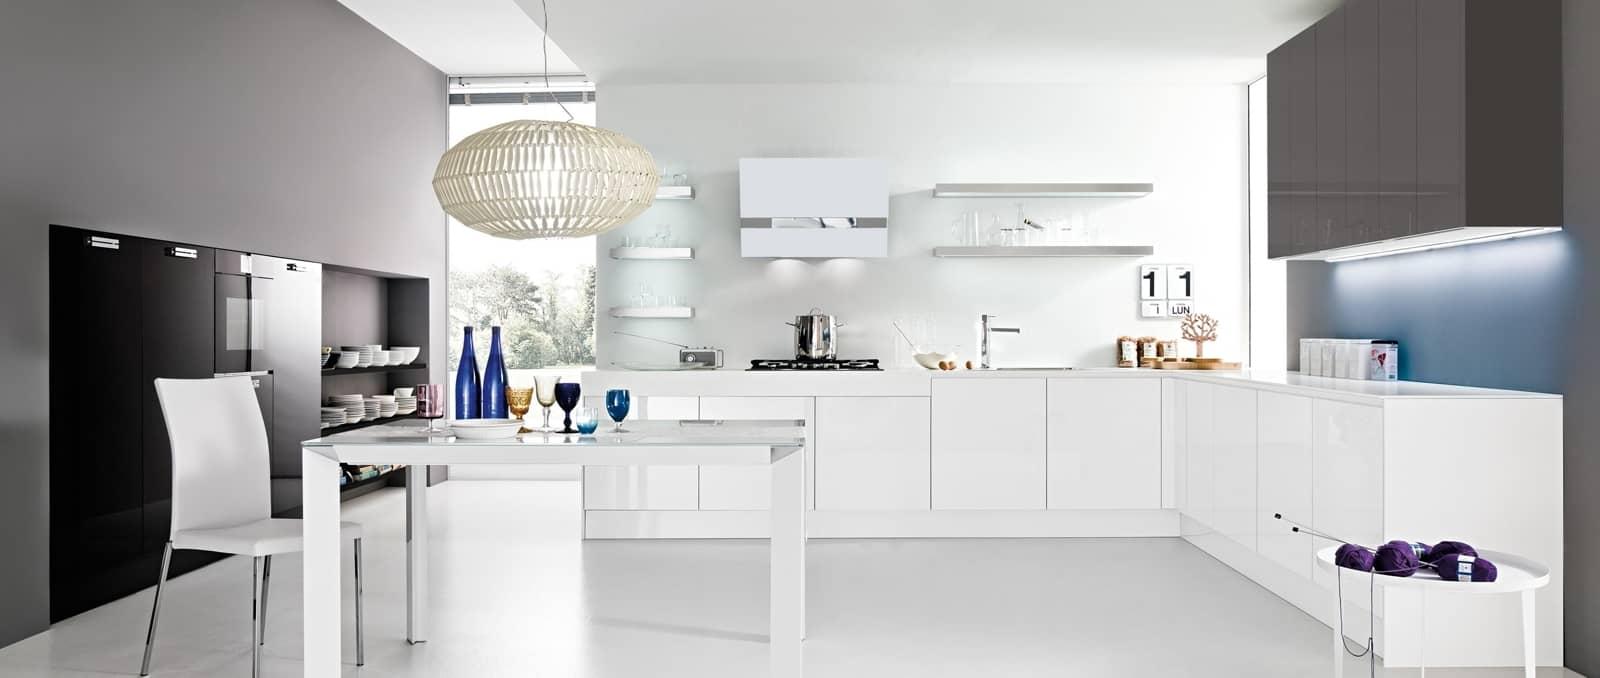 Cuisine en L, épurée et design, avec jeu de lumière sous les tablettes, mélange de meubles avec et sans poignée. Le classicisme revisité.